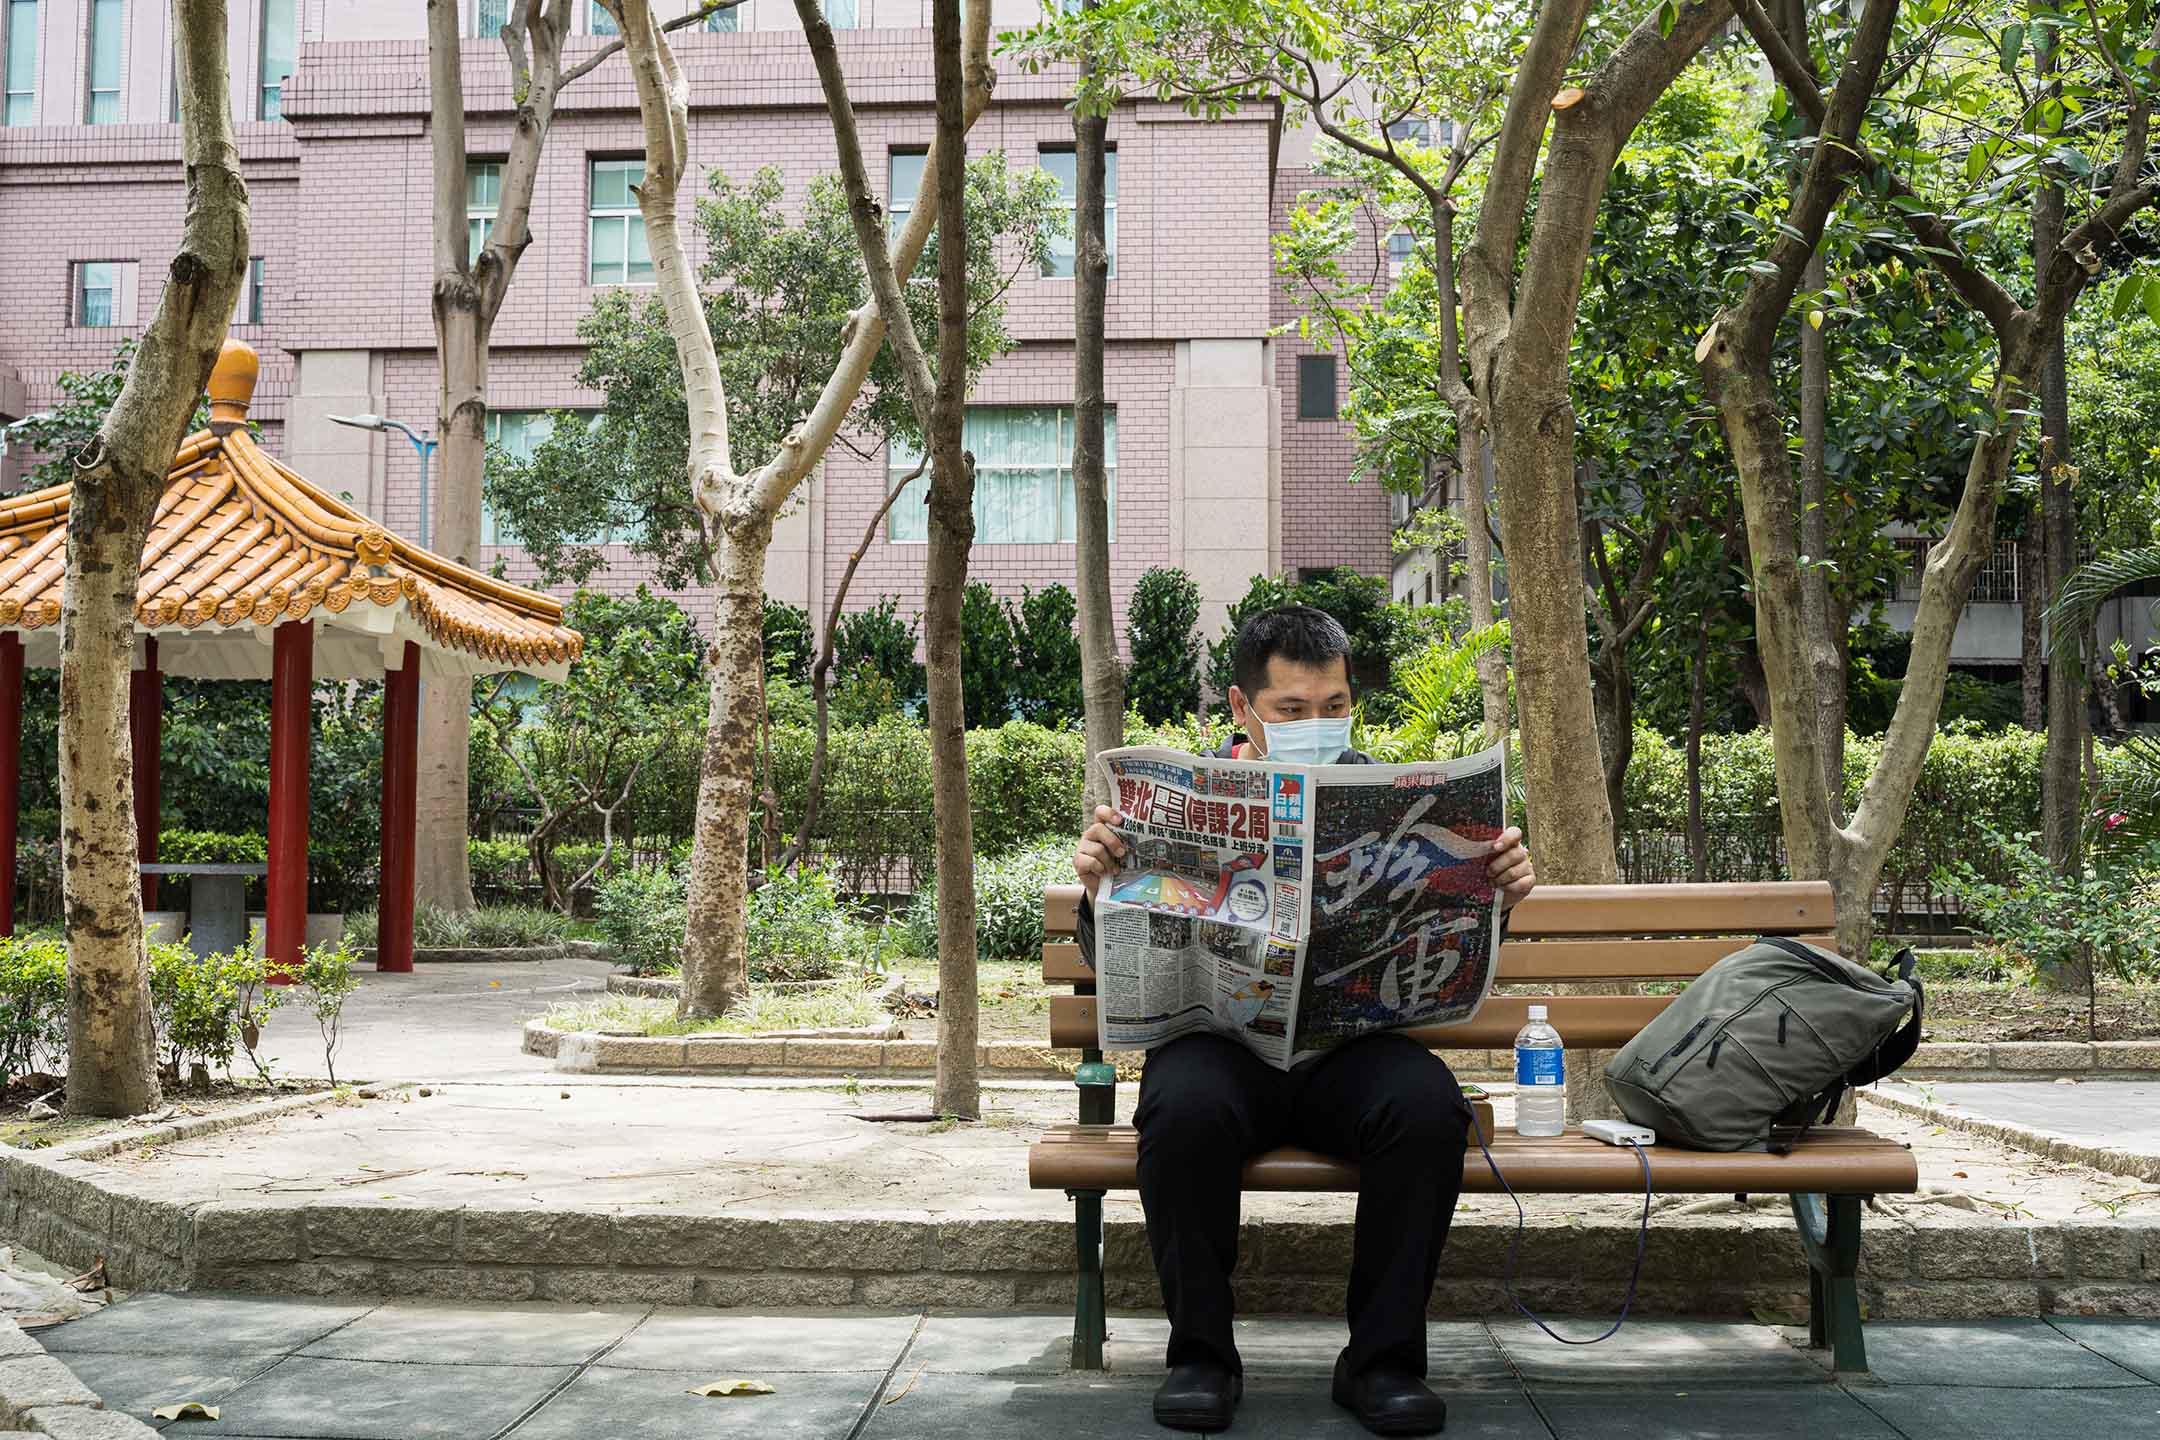 2021年5月17日台北,市民在公園內看蘋果日報。